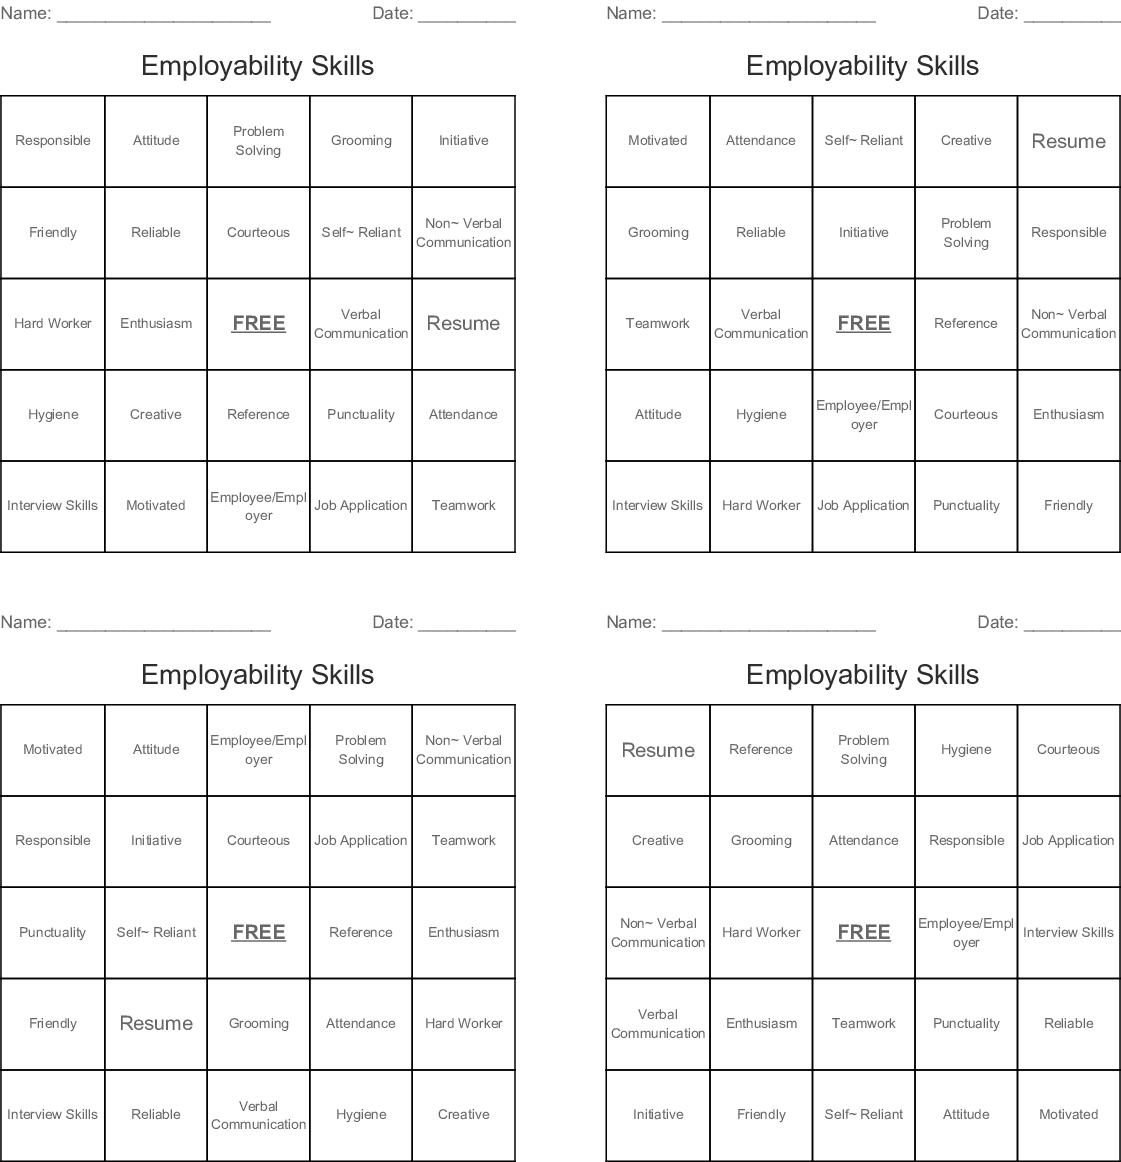 Employability Skills Bingo Cards